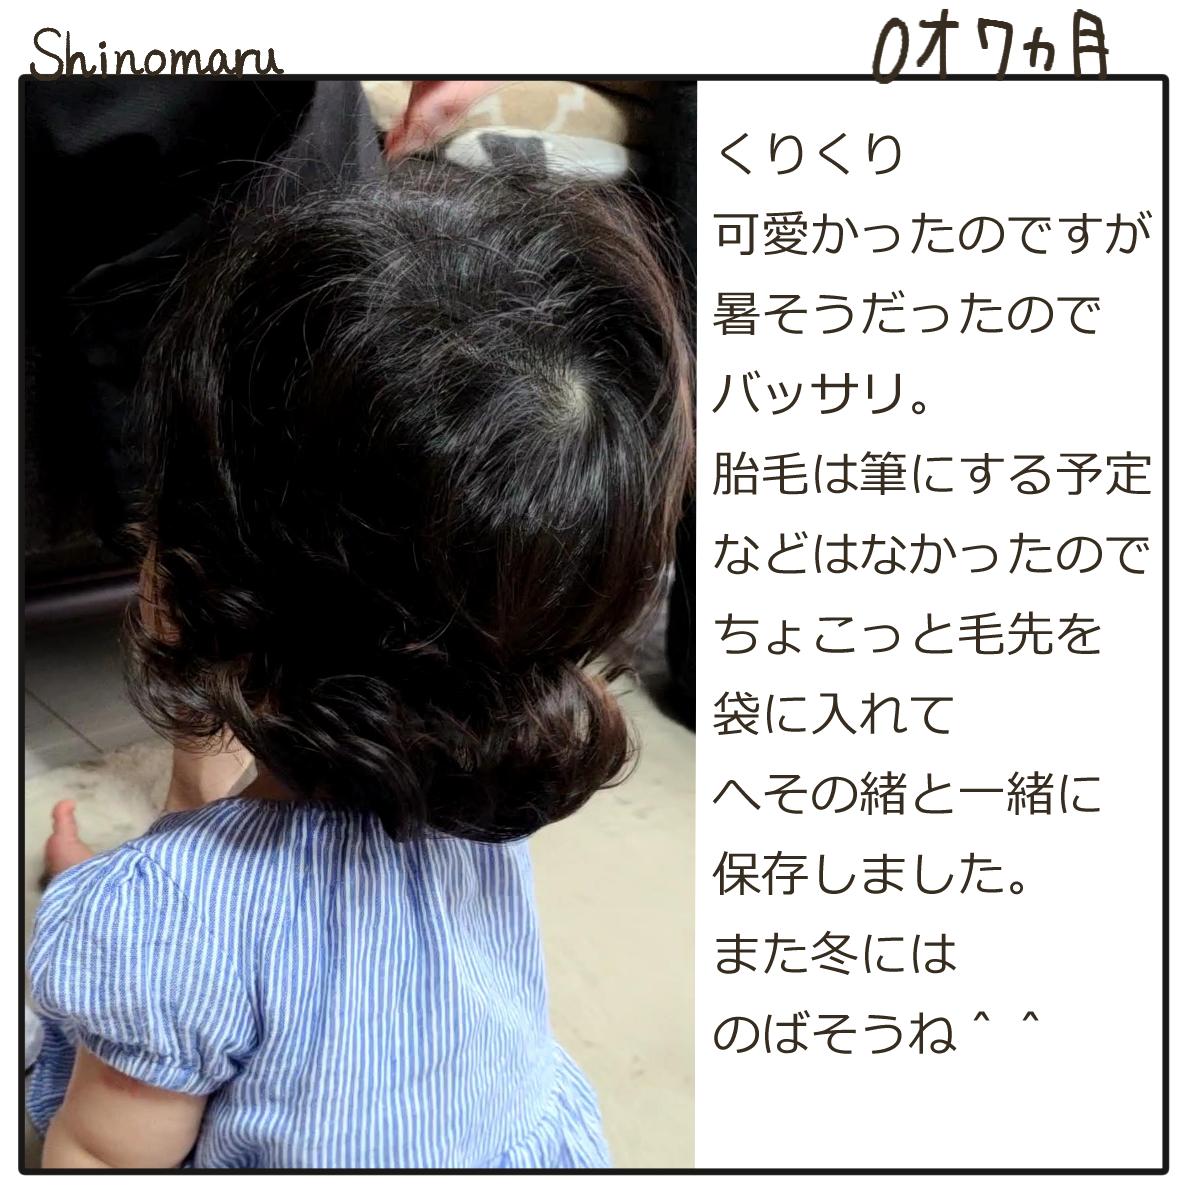 f:id:Shinomaru:20210614210754p:plain